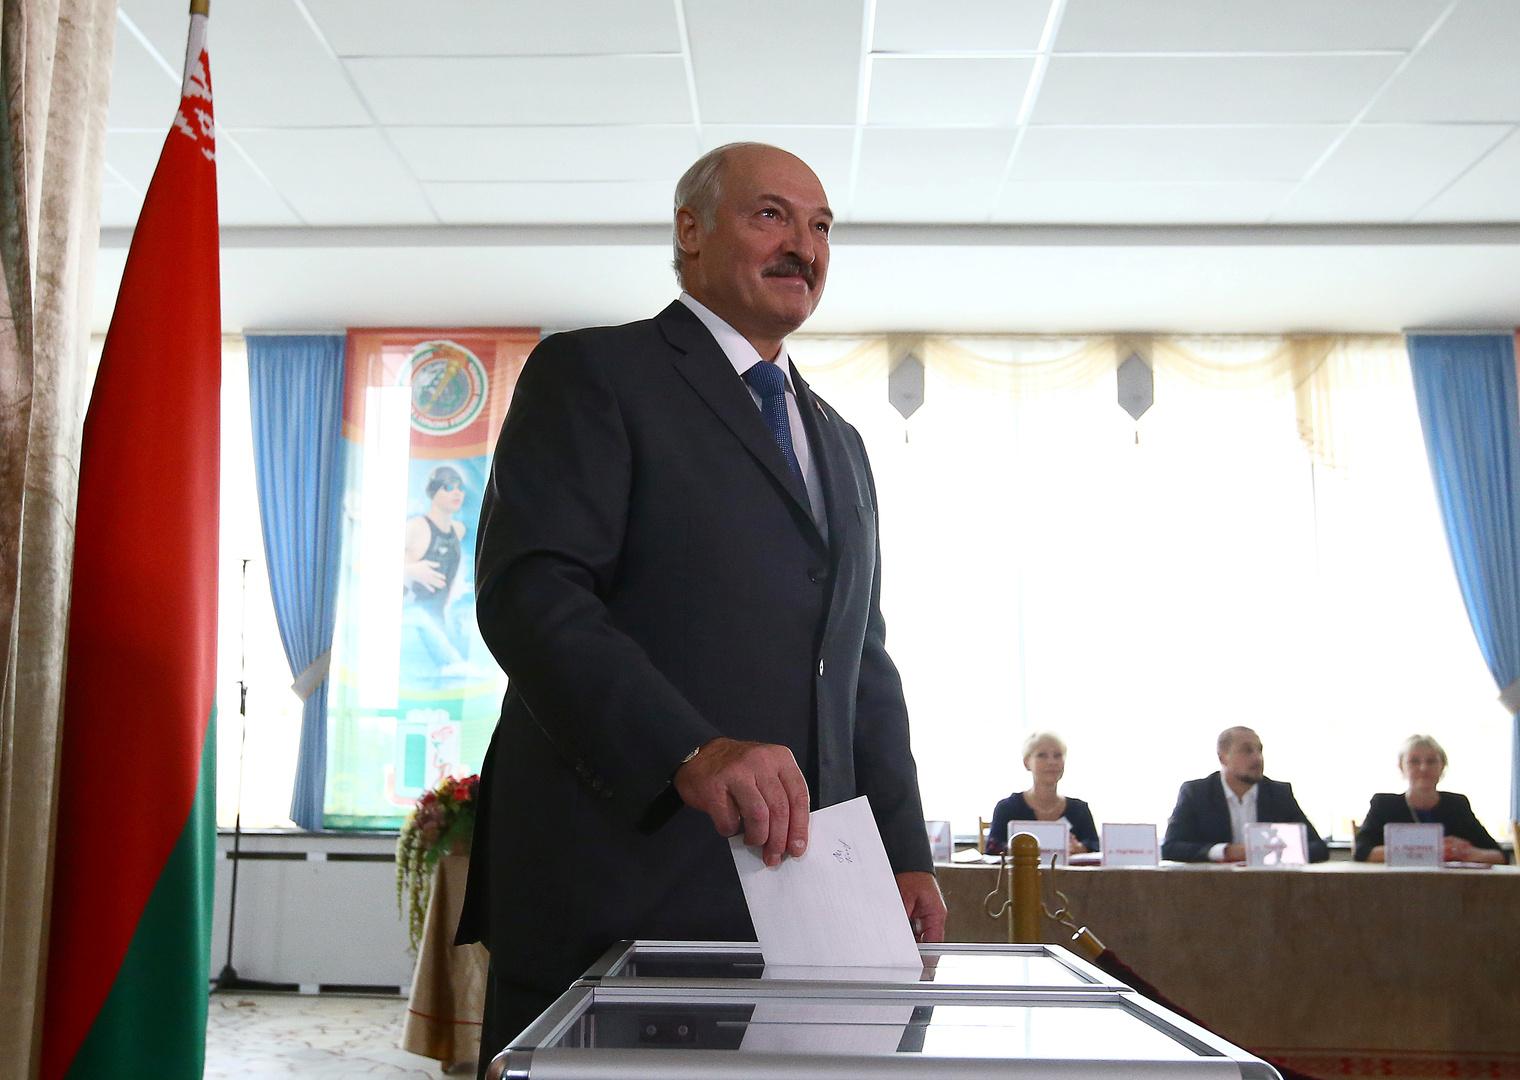 نتائج أولية: لوكاشينكو يتصدر بفارق ساحق في انتخابات رئاسة بيلاروس